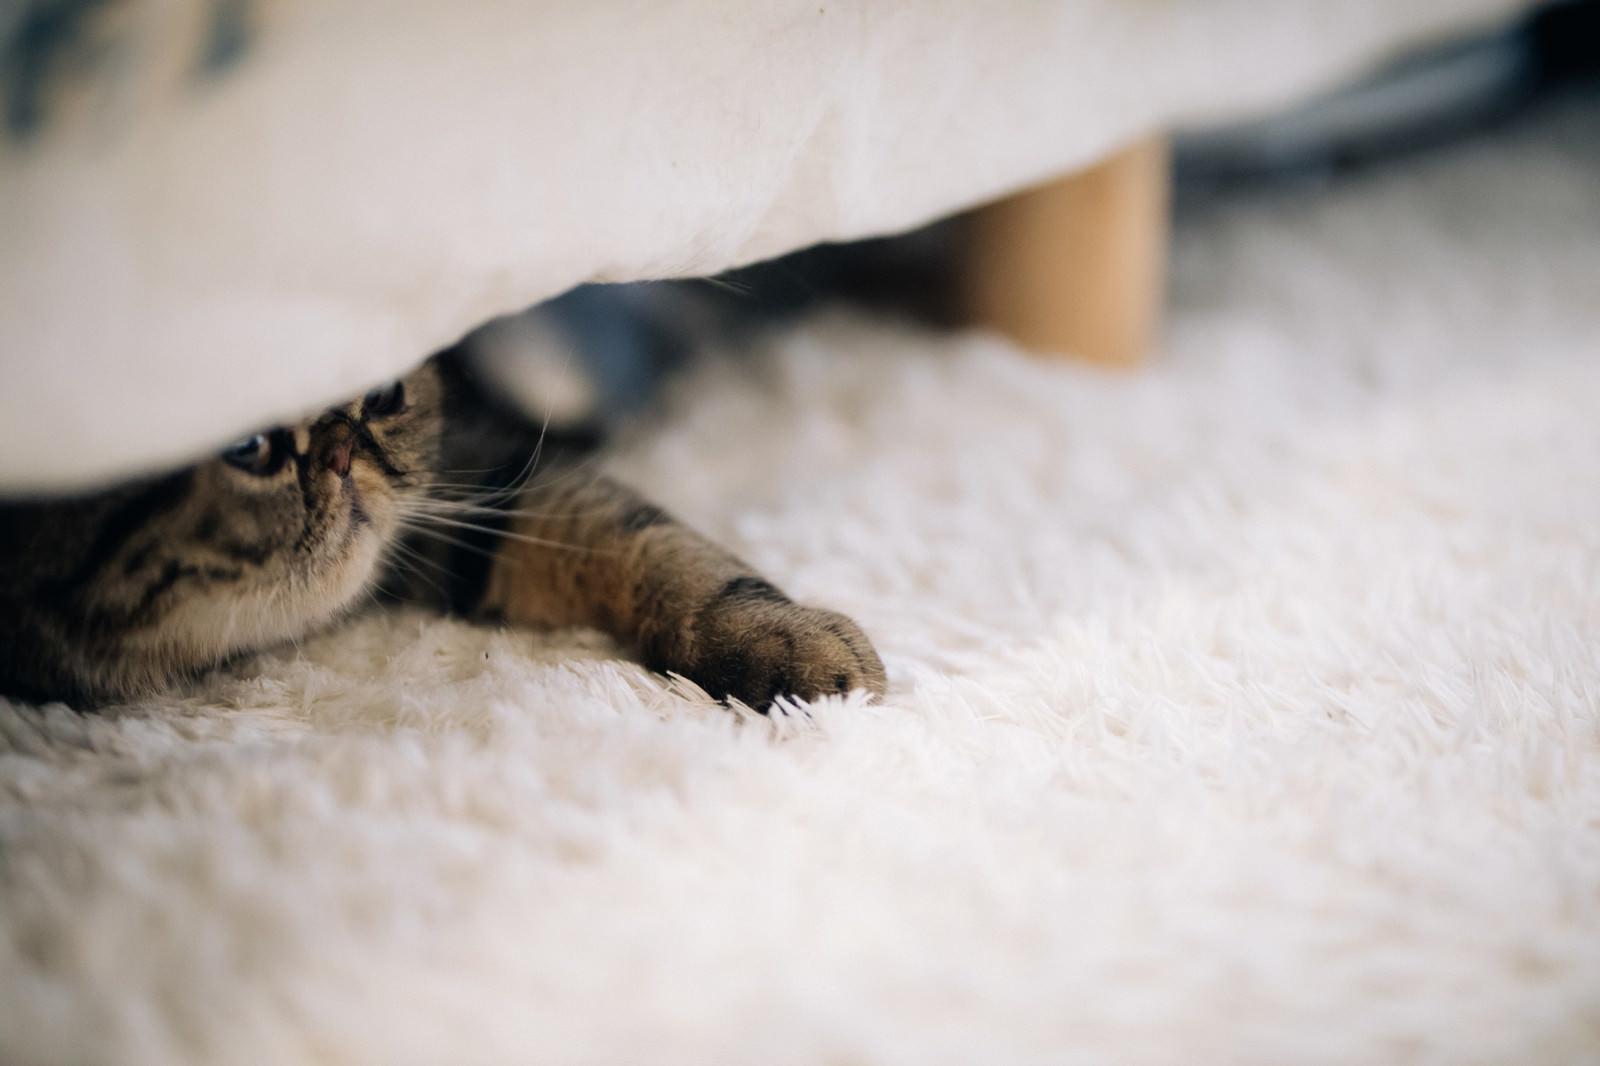 「ベッドの下の猫ベッドの下の猫」のフリー写真素材を拡大